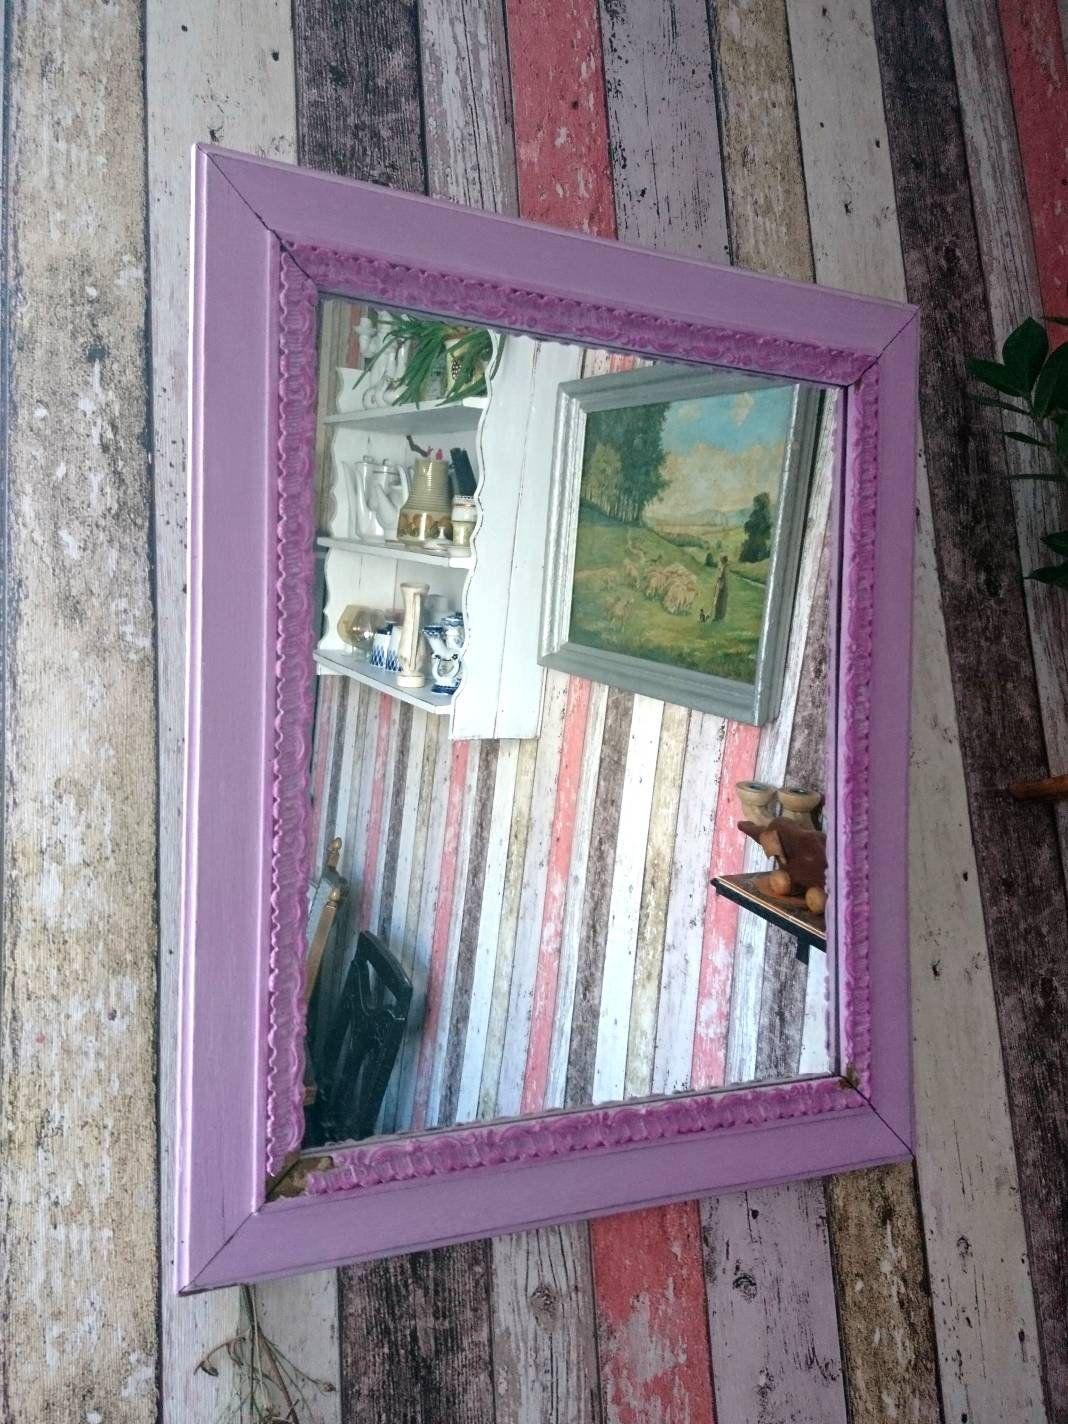 Shabby Chic Alter Spiegel Wandspiegel Landhaus Romantisch Mirror